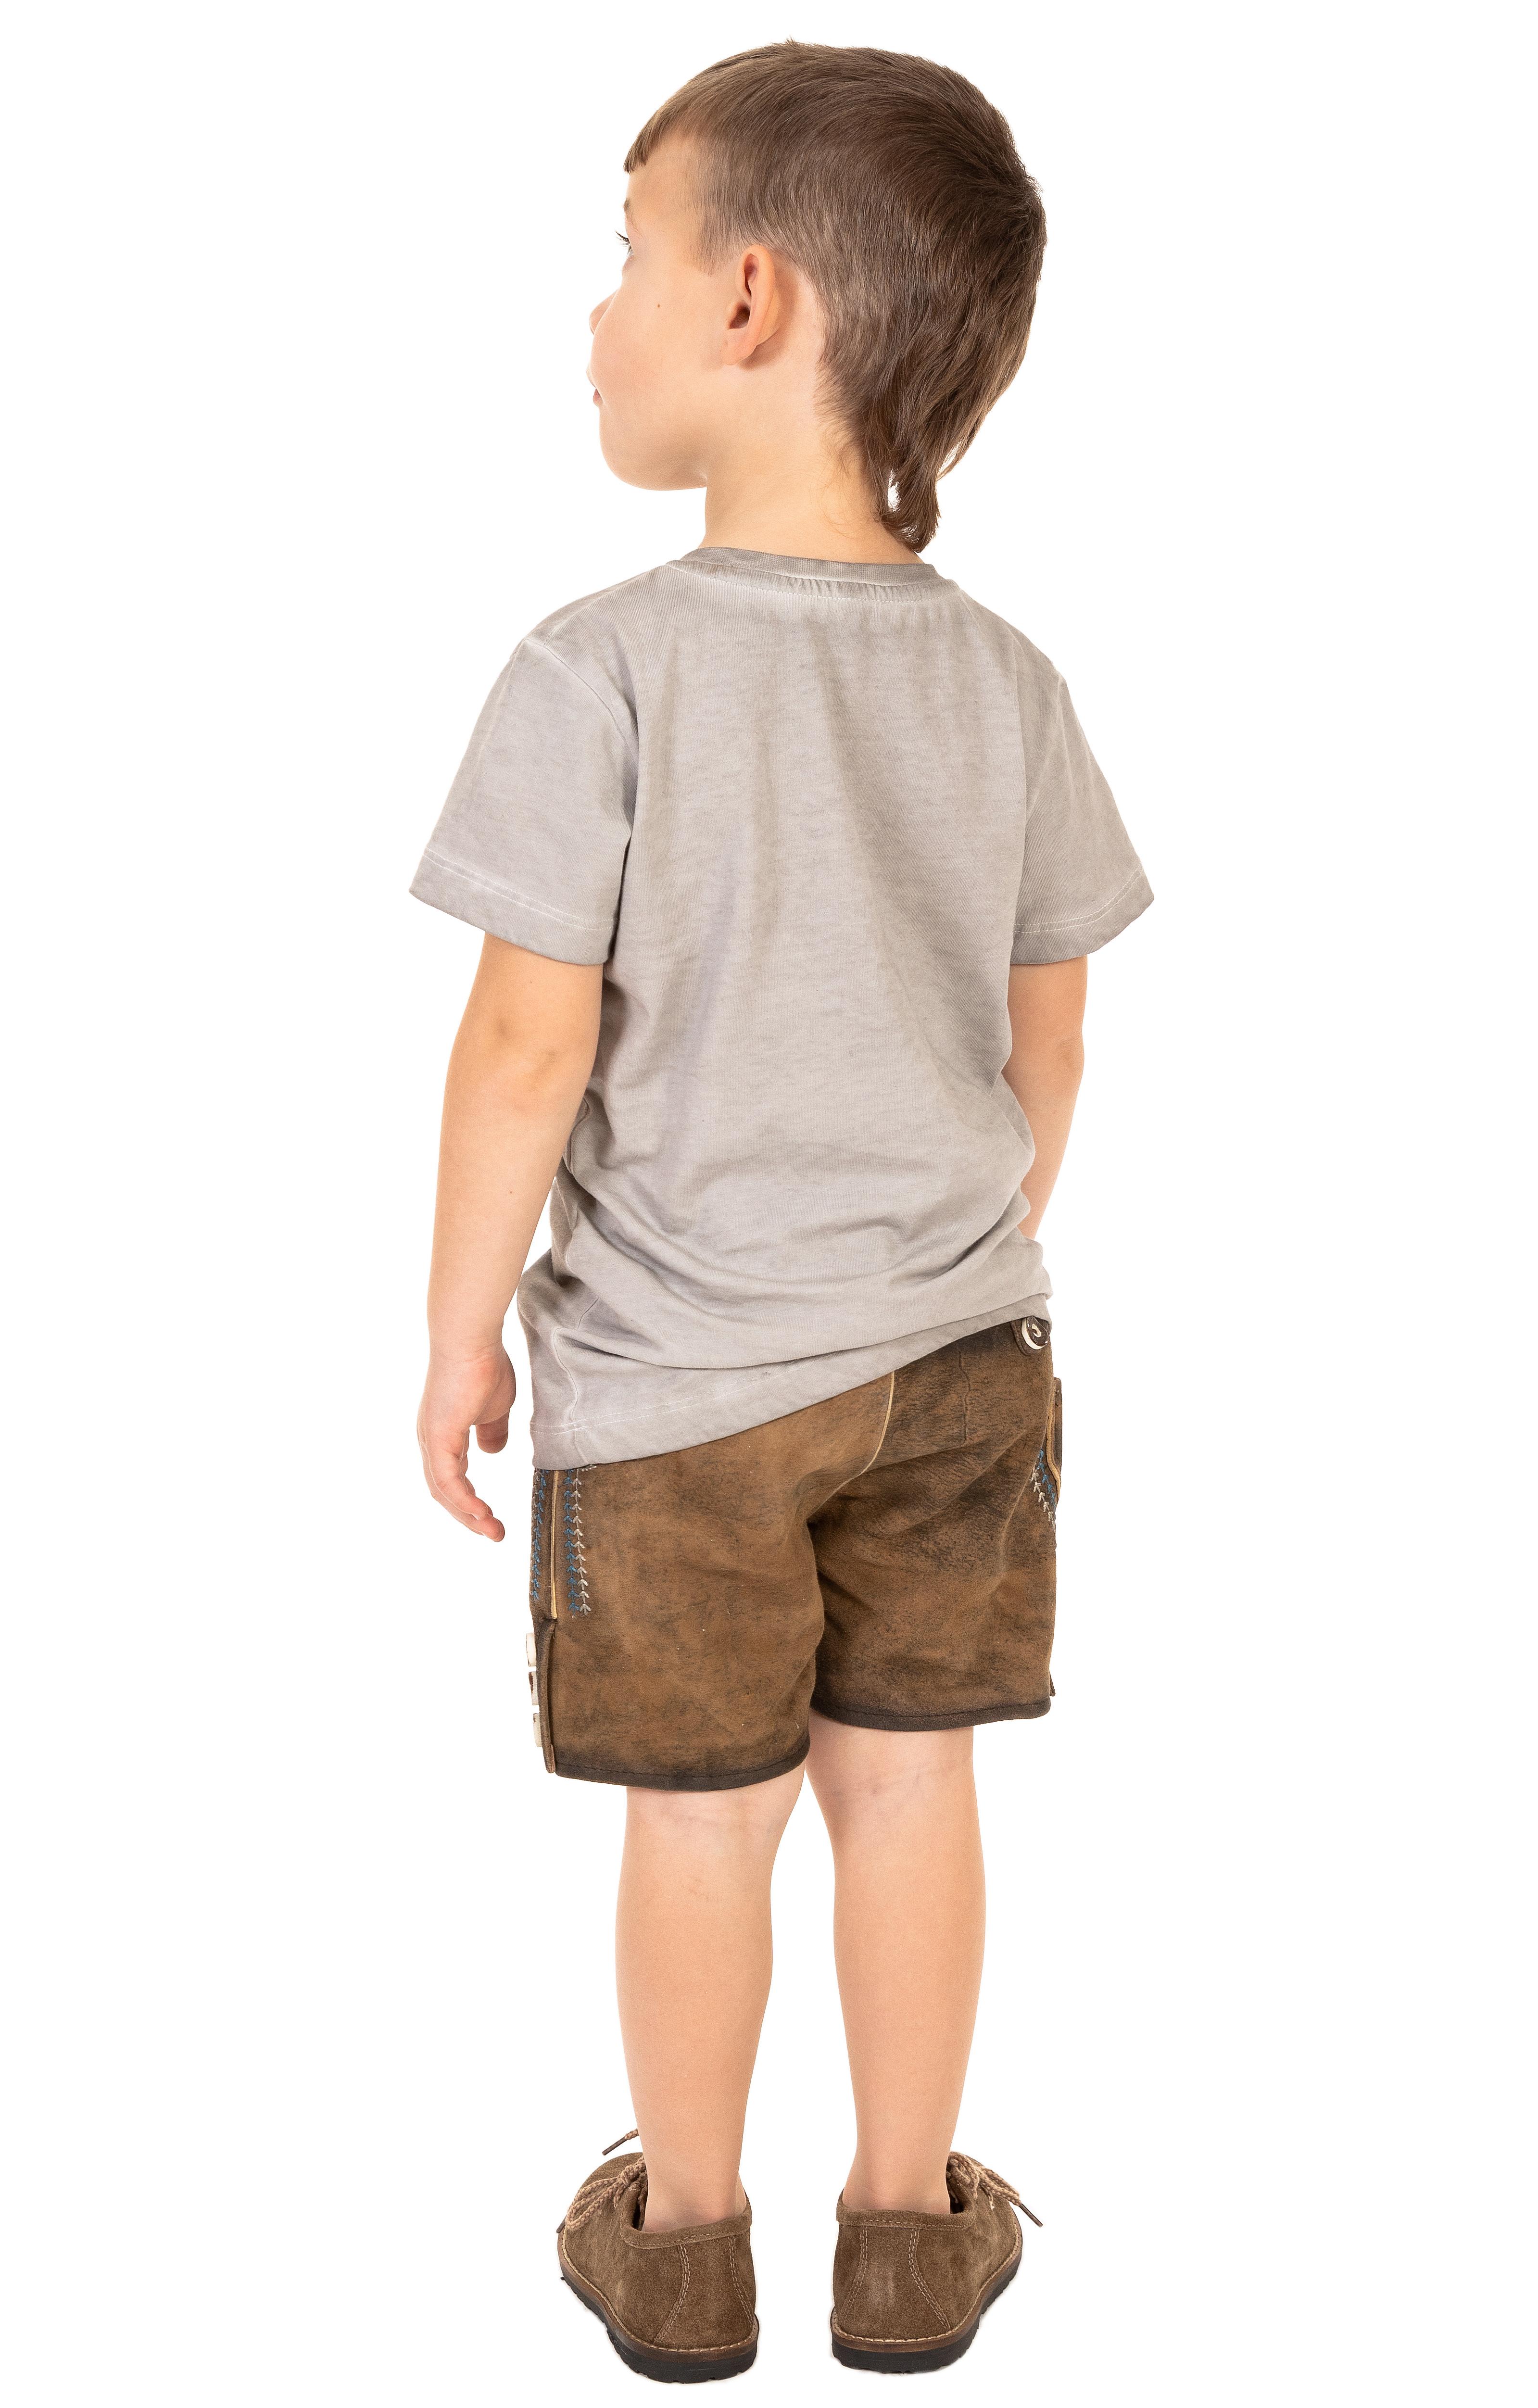 weitere Bilder von Children traditional shirt M28 - STURSCHAEDEL-KIDS gray